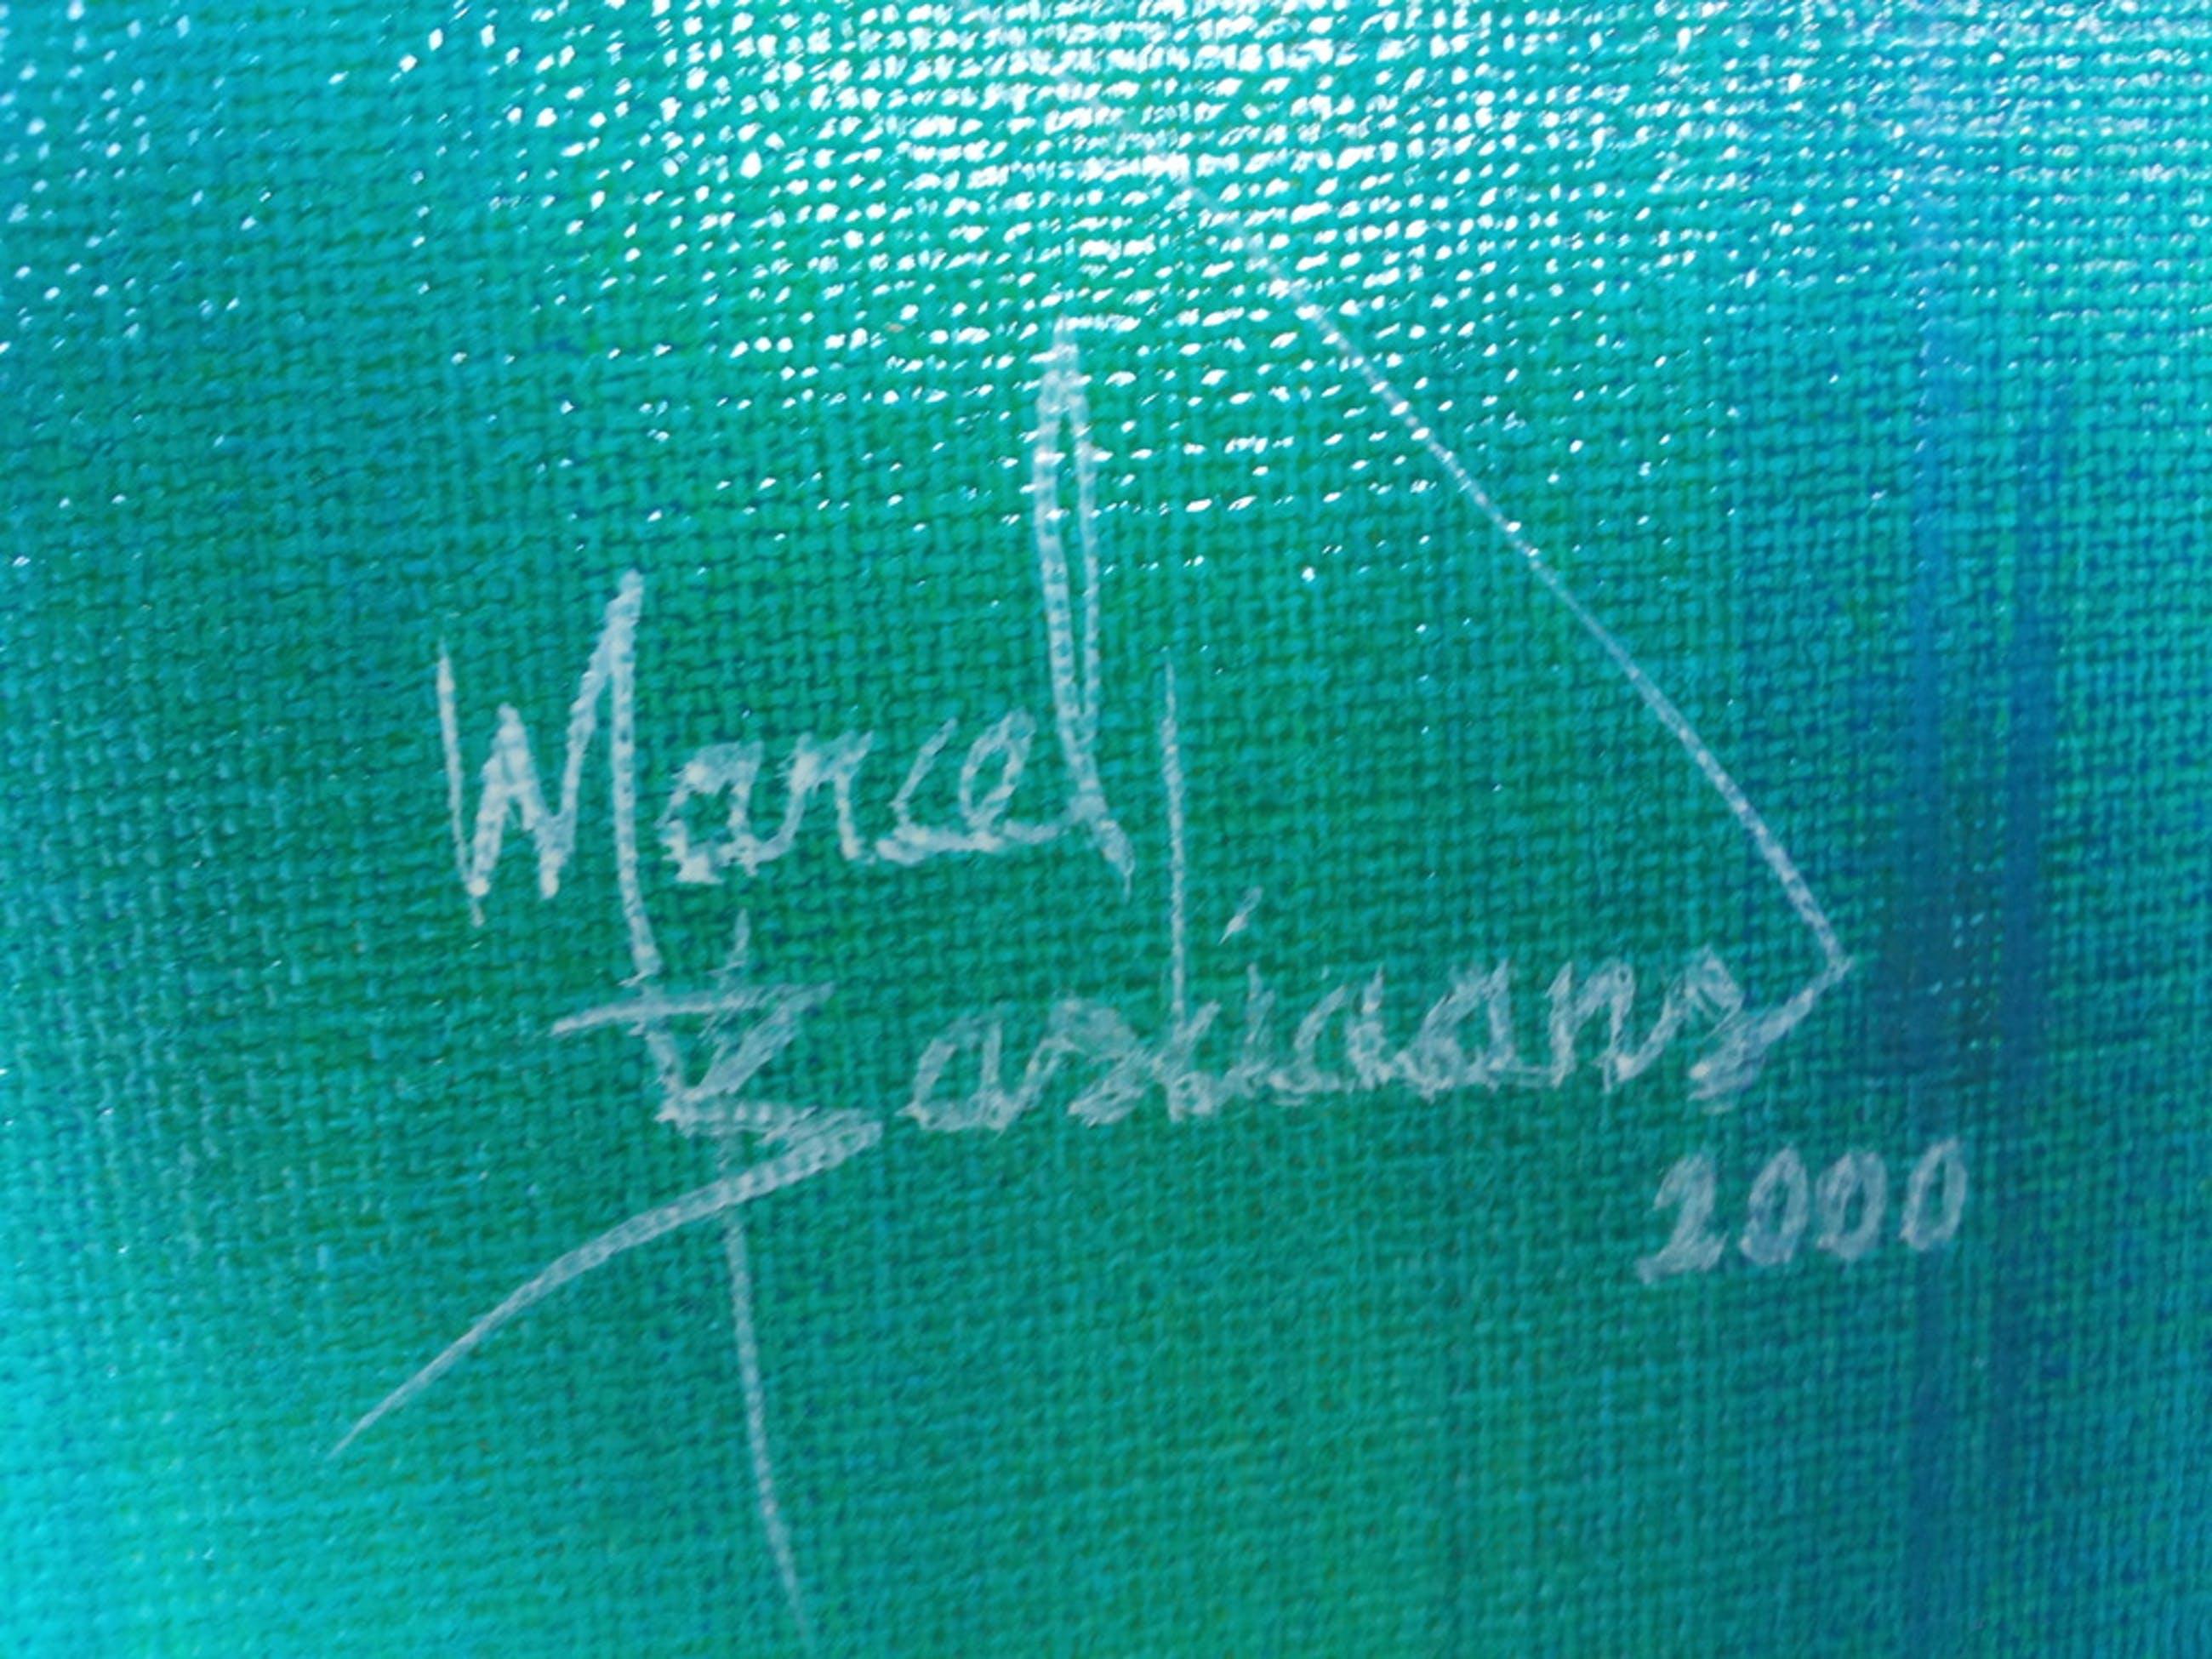 Marcel Bastiaans,  acryl op doek, geen titel, 200 x 60 cm kopen? Bied vanaf 1900!